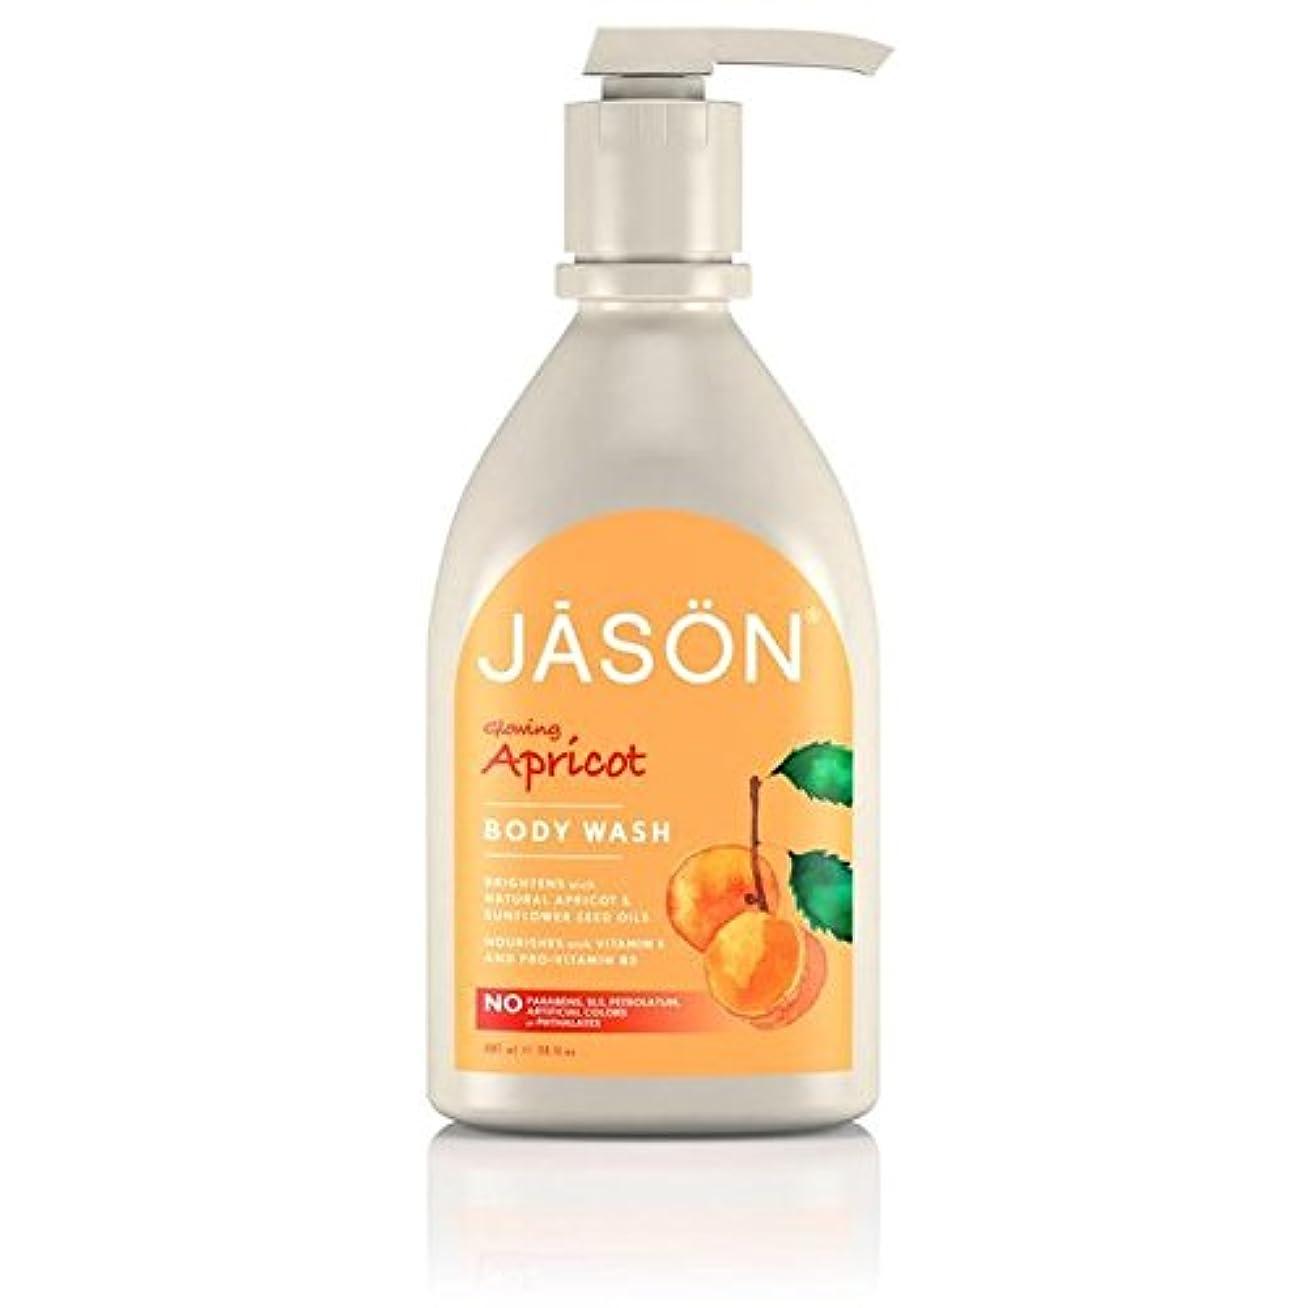 機関におい気づかないジェイソン?アプリコットサテンボディウォッシュポンプ900ミリリットル x2 - Jason Apricot Satin Body Wash Pump 900ml (Pack of 2) [並行輸入品]